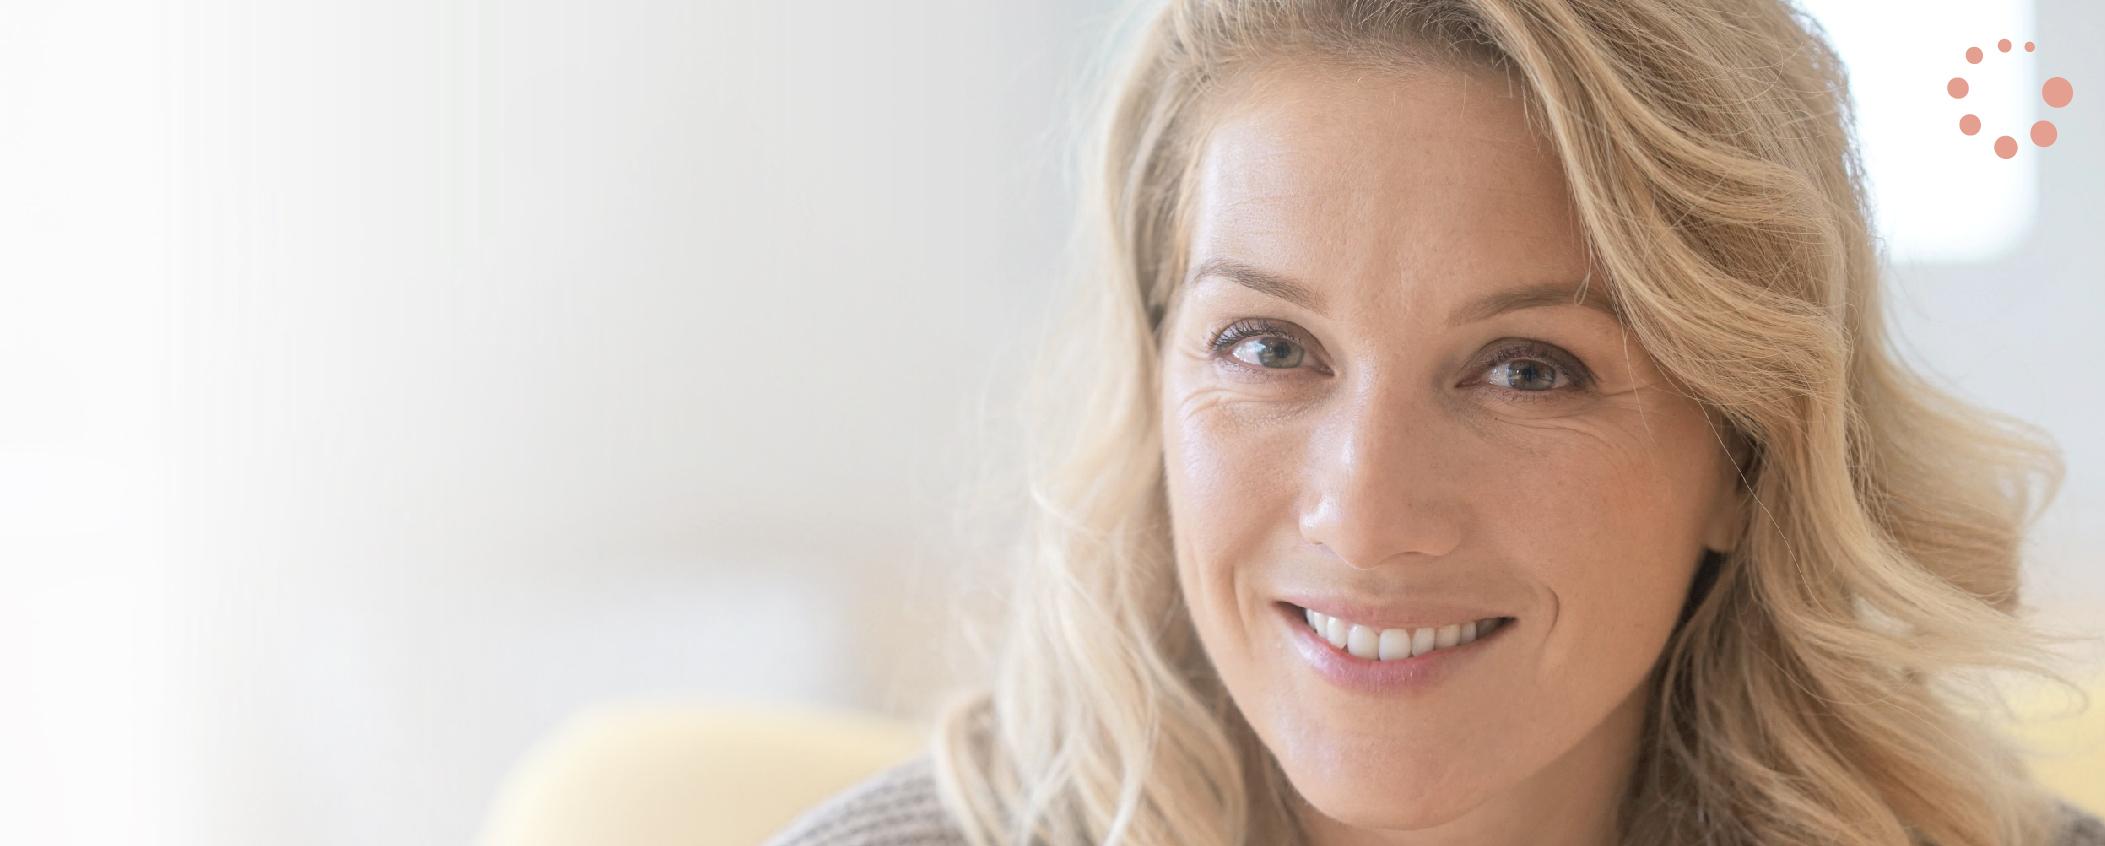 5 Ativos que fazem sucesso com mulheres +40 anos